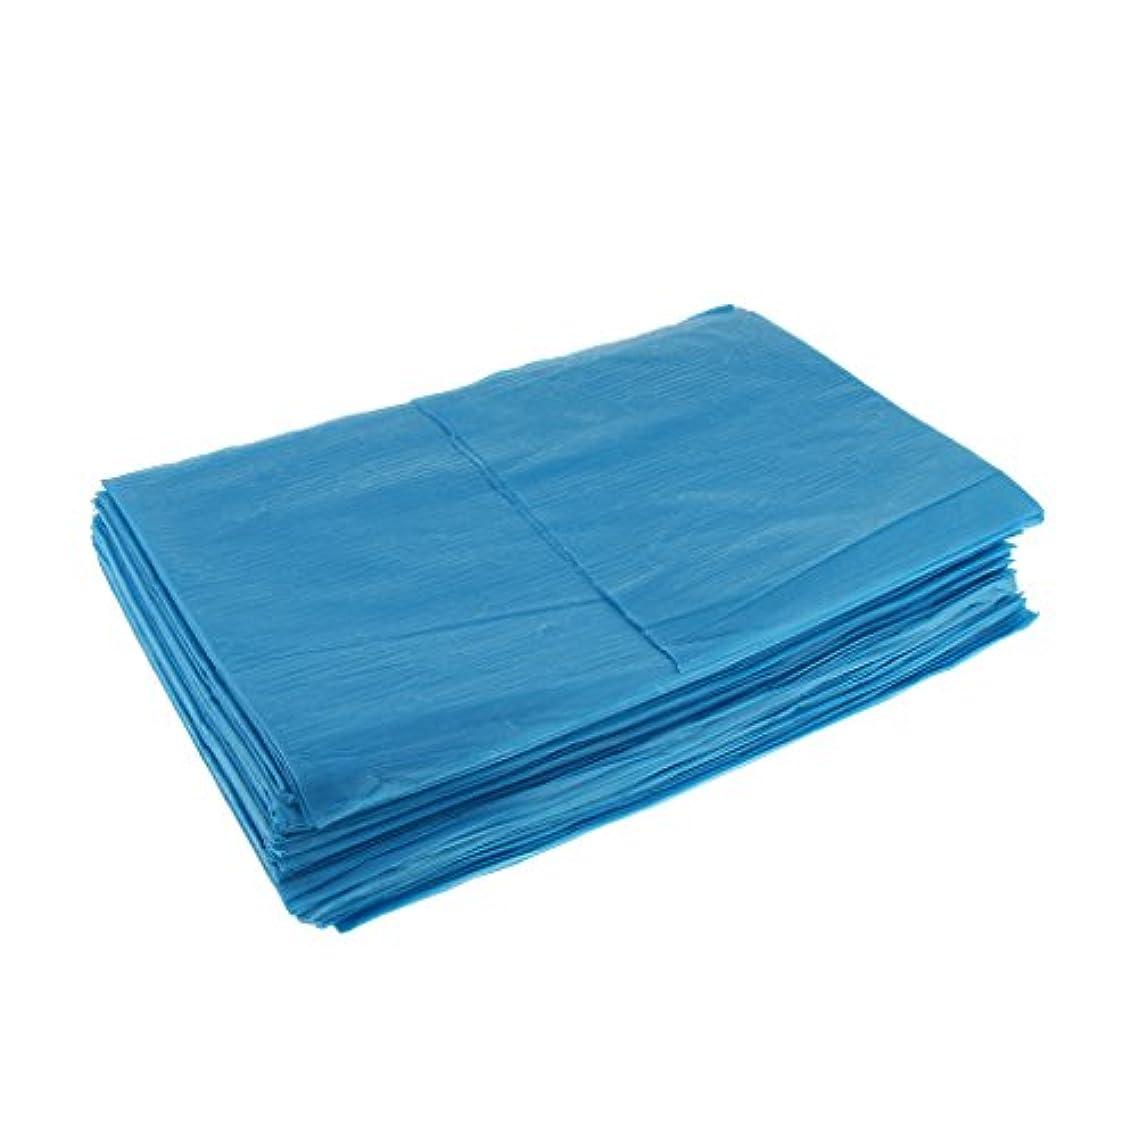 大惨事穴感嘆Kesoto 10枚 使い捨てベッドシーツ 使い捨て 美容 マッサージ サロン ホテル ベッドパッド カバー シート 2色選べ - 青